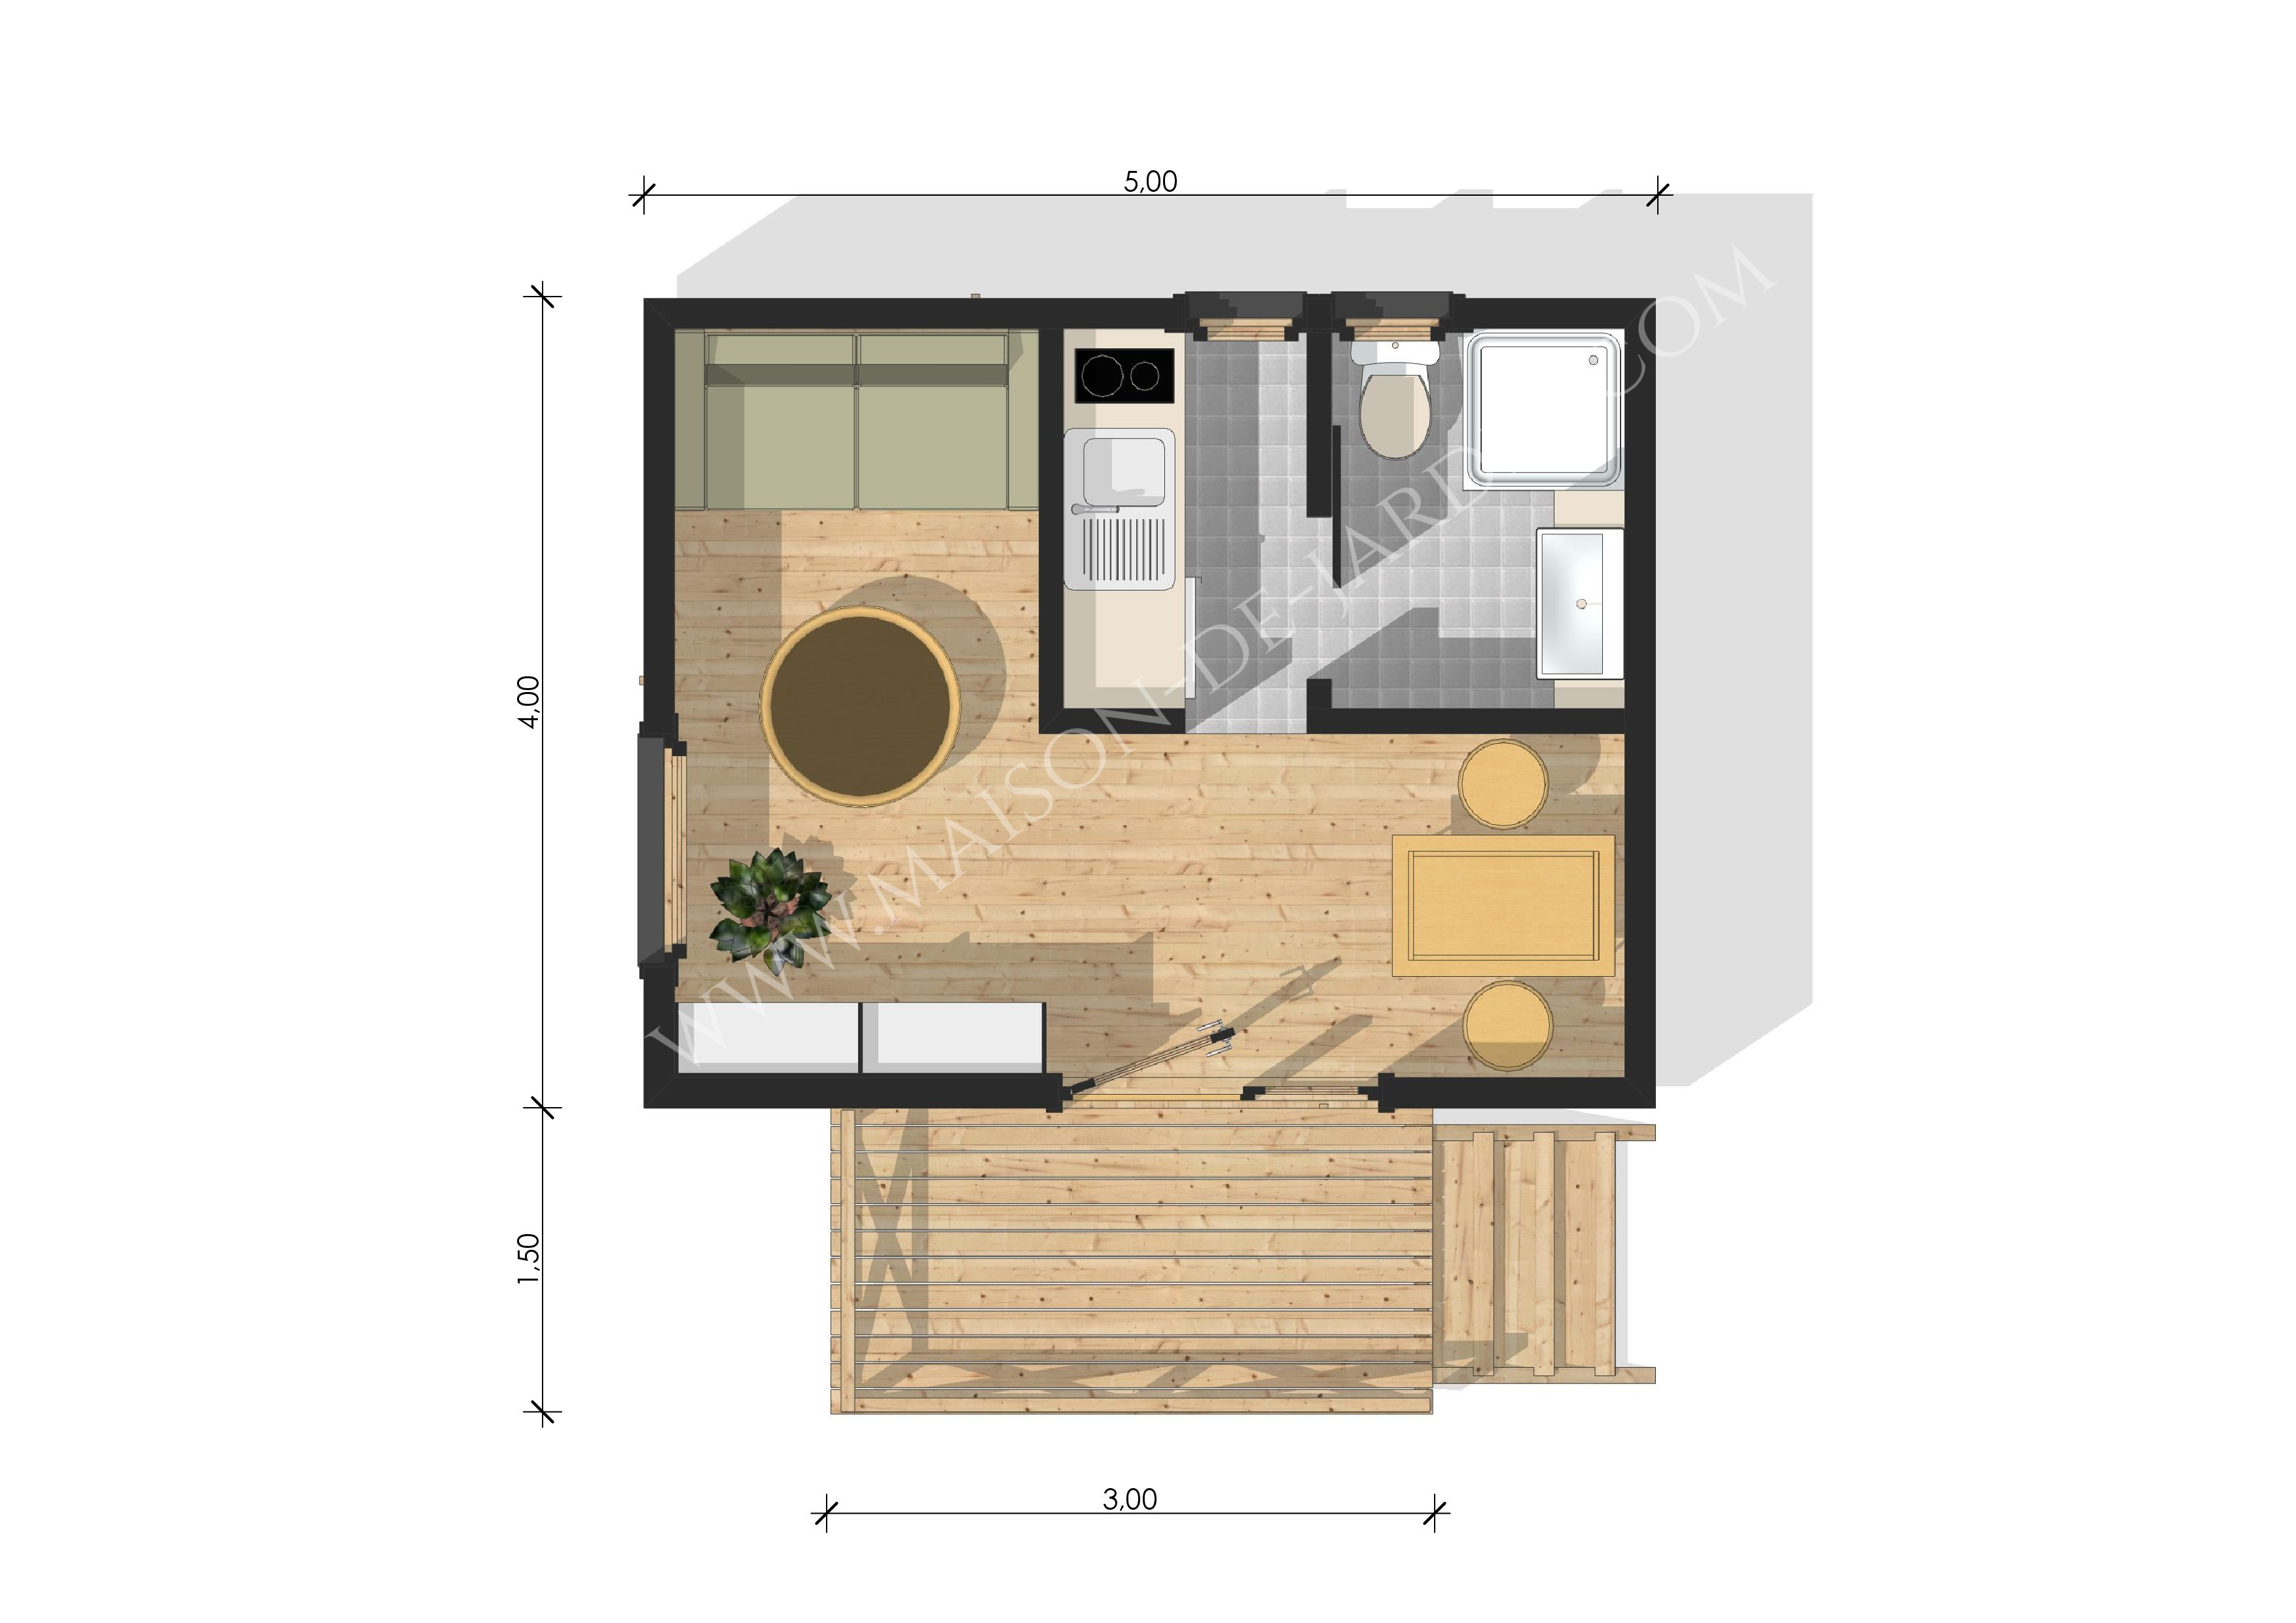 maison de jardin lyon en bois en kit sans permis de construire. Black Bedroom Furniture Sets. Home Design Ideas